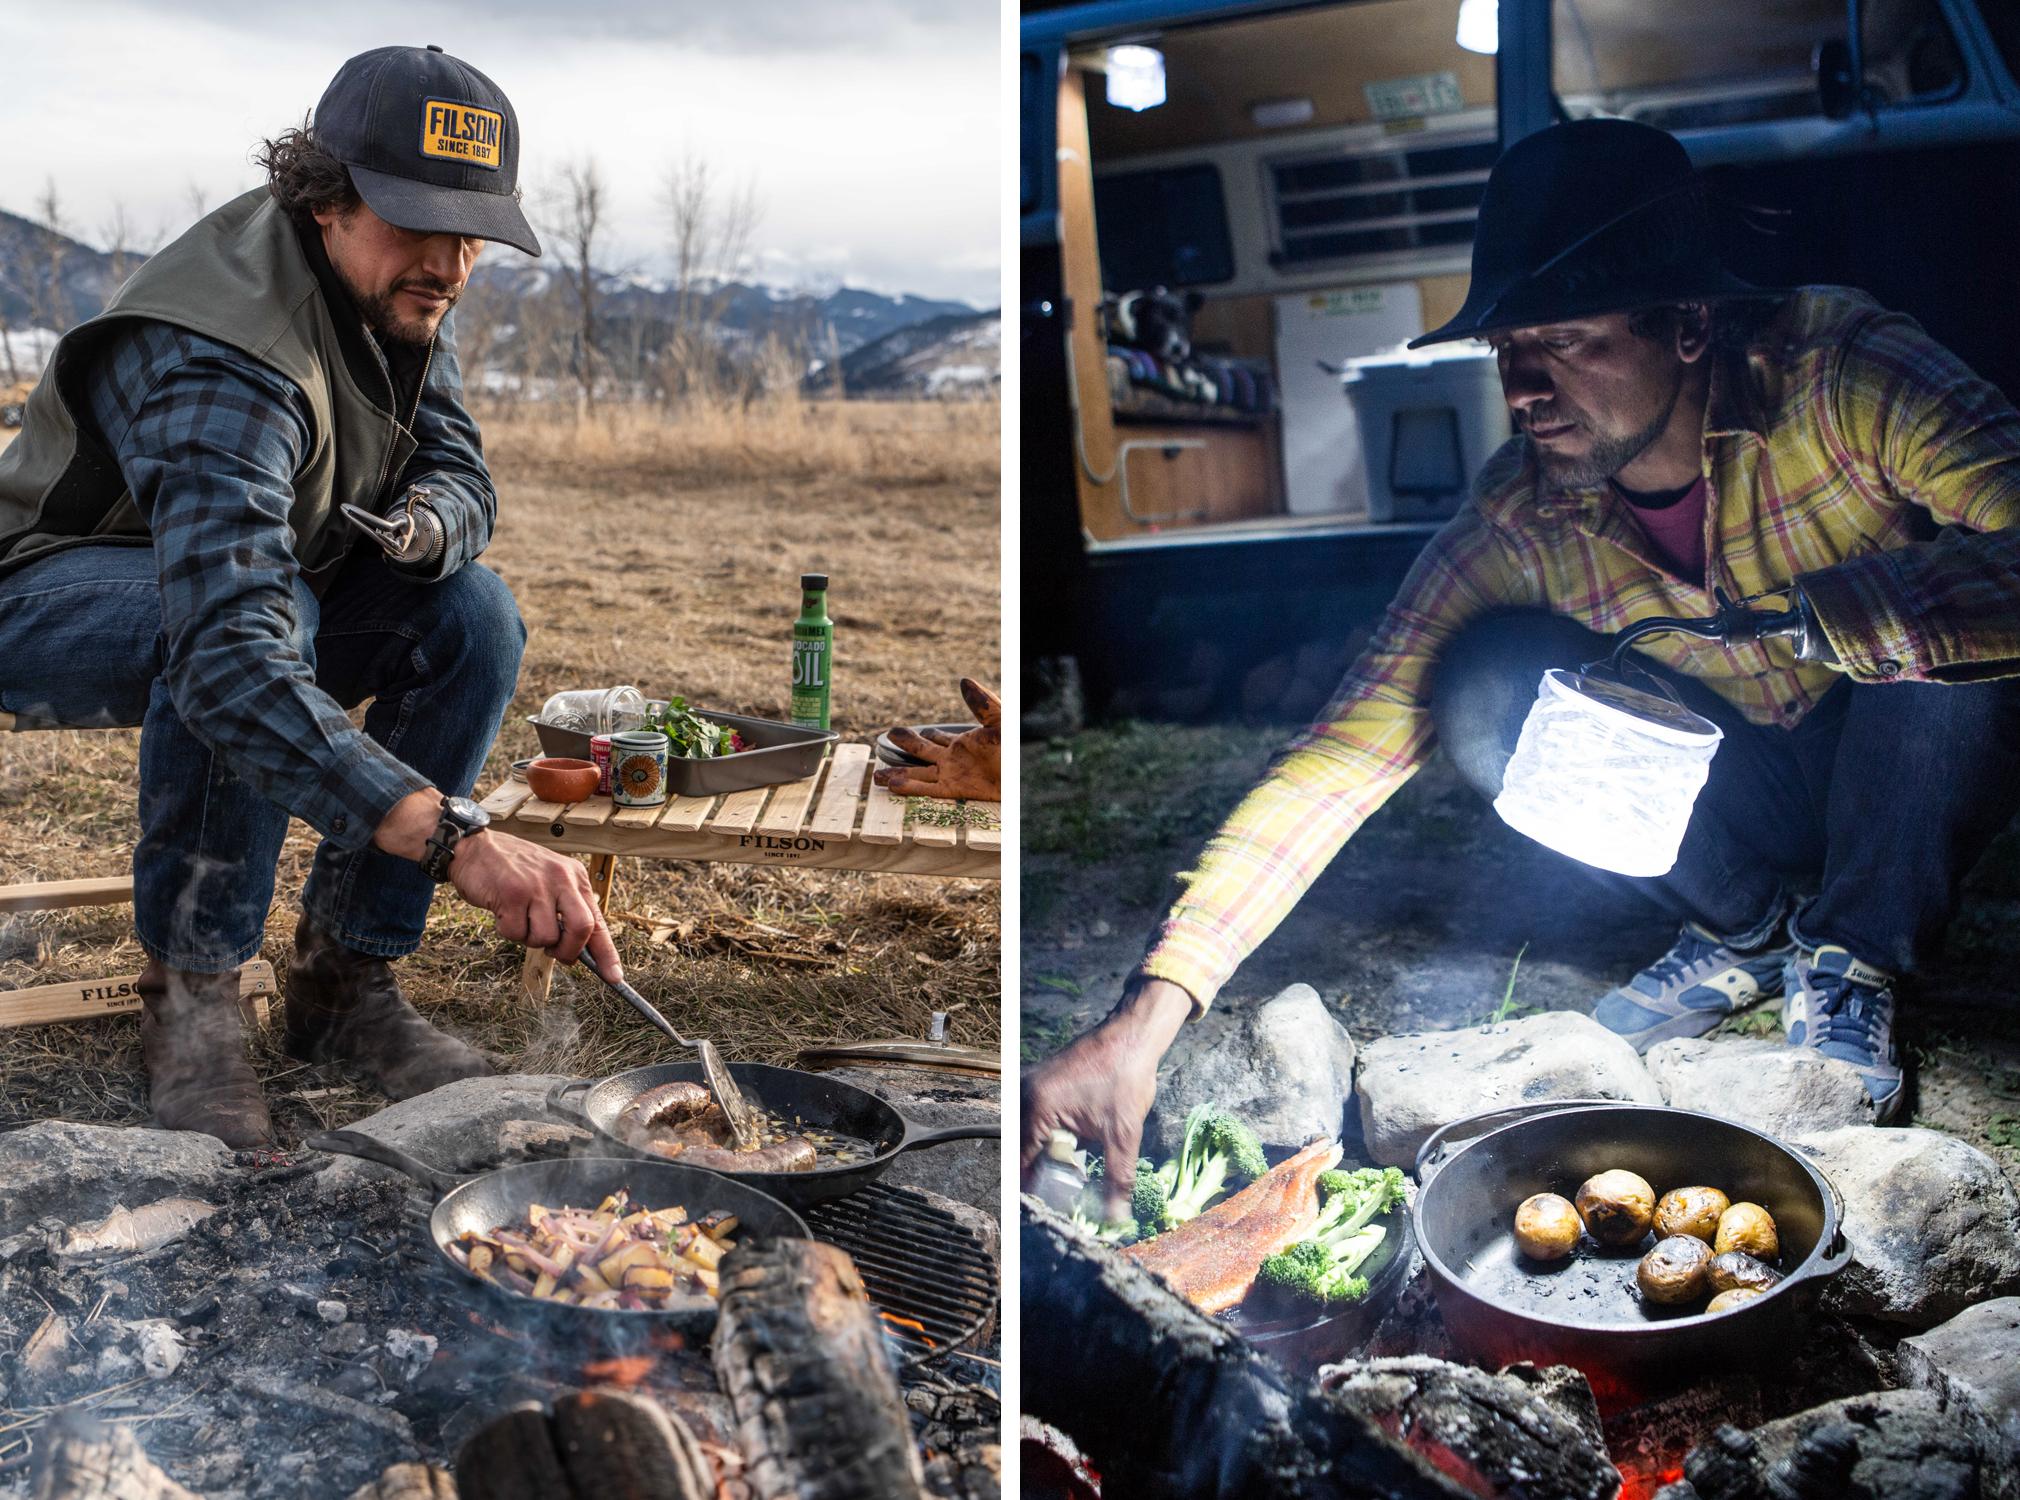 Eduardo Garcia cooking over an open fire